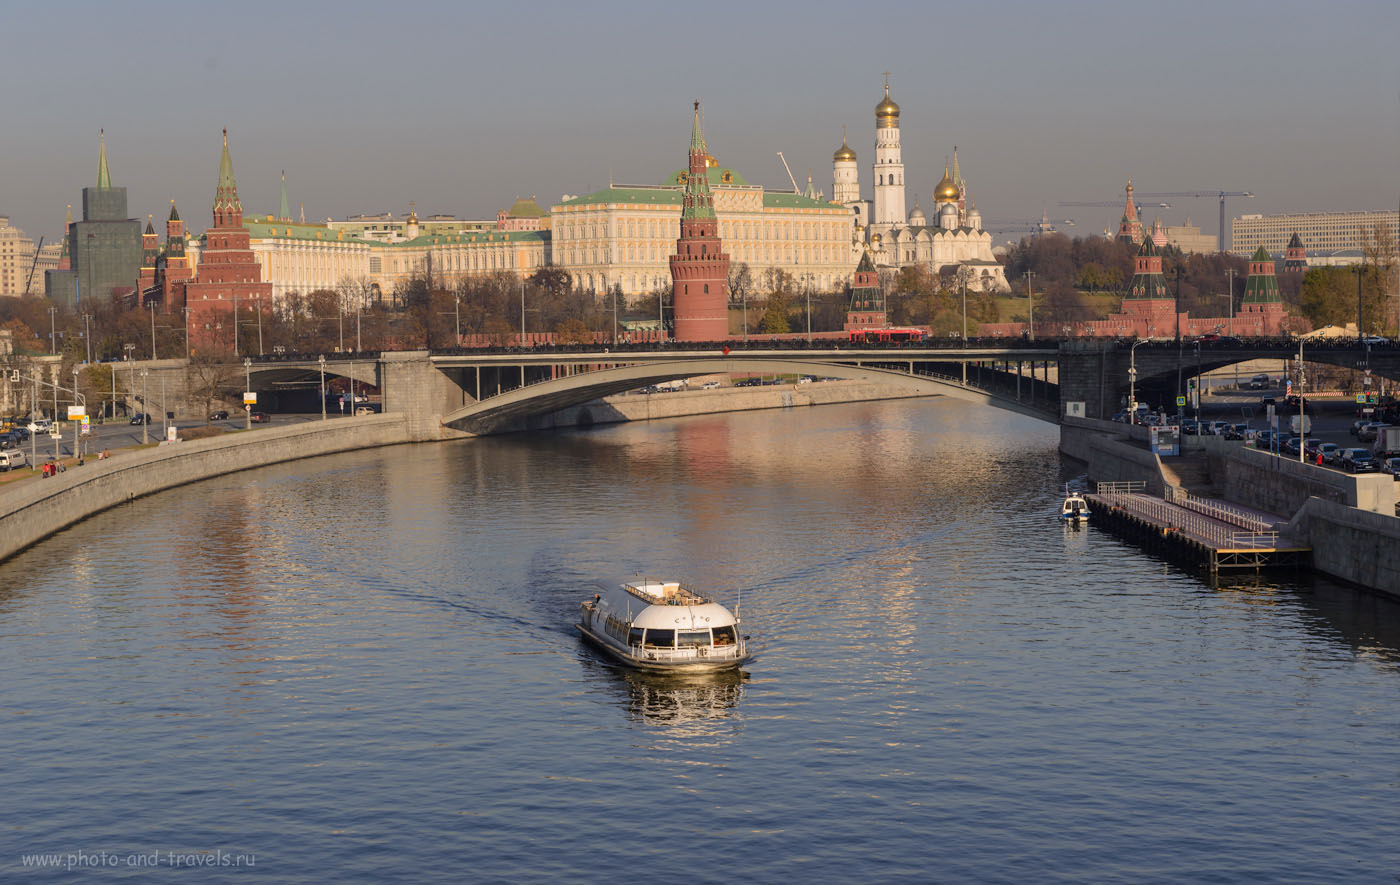 Фотография 17. Вид на Московский Кремль с Патриаршего моста. Что посмотреть в столице за несколько часов самостоятельно. 1/200, 9.0, 100, 70.